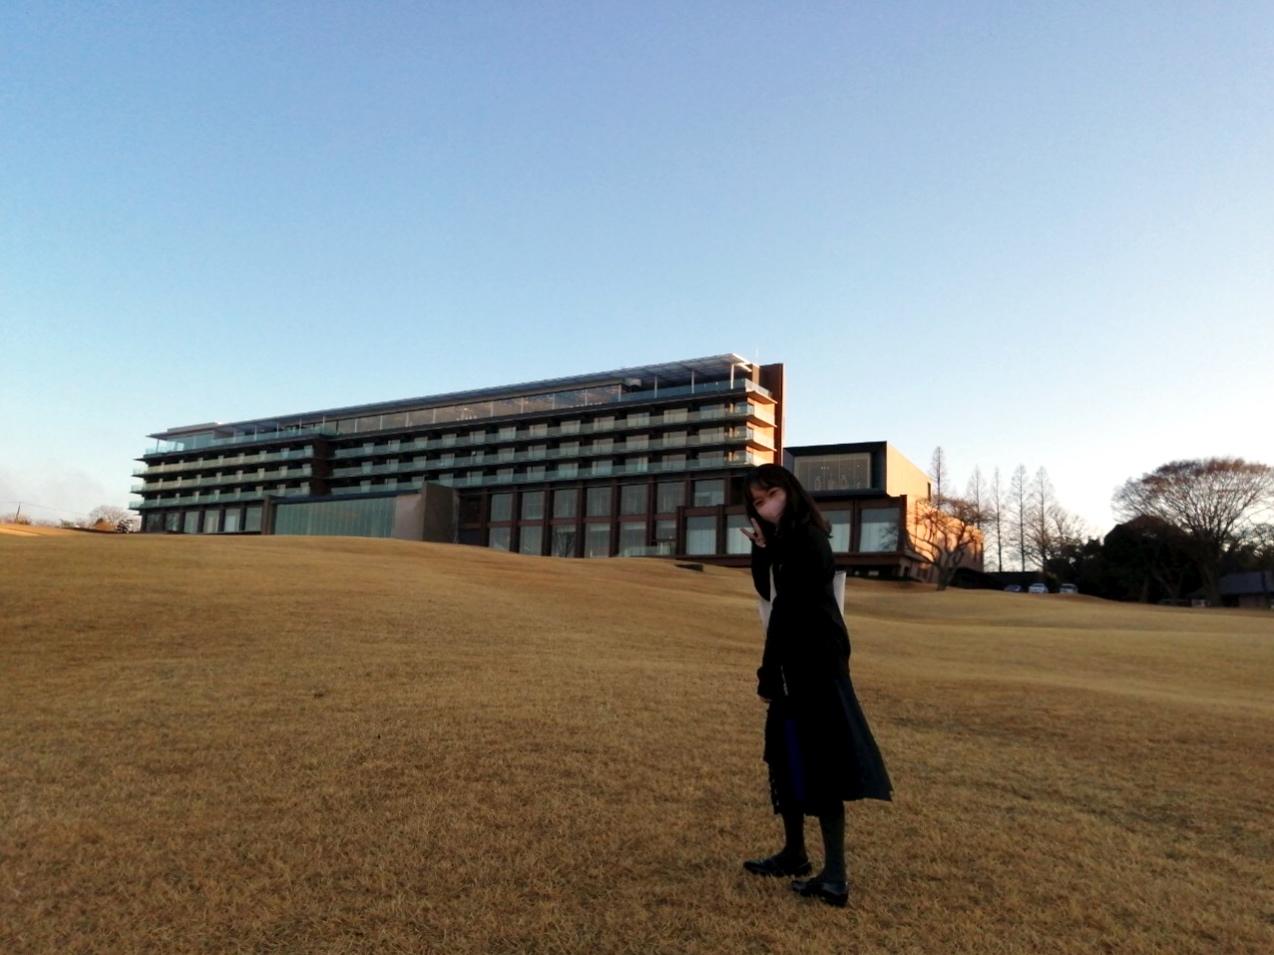 【#静岡】日本平ホテルでゆったりアフタヌーンティー☕︎風景画のような大パノラマが最高♡食後は広大な庭園をお散歩しました♩_7